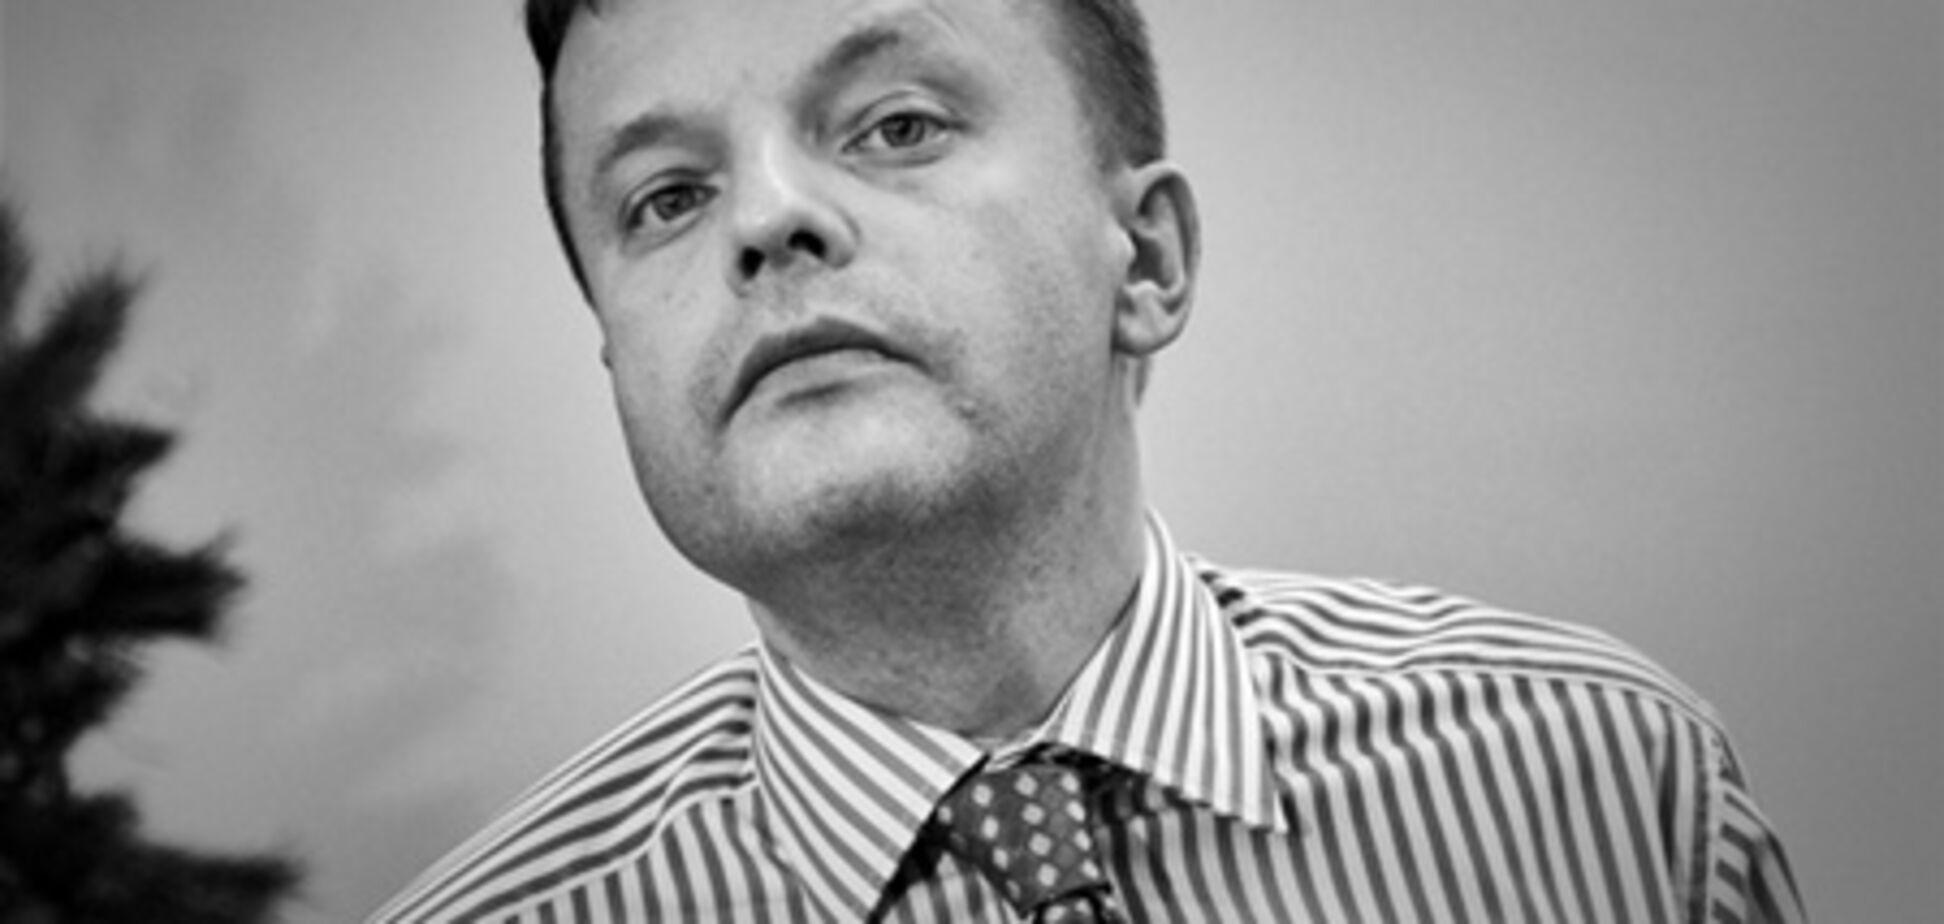 Журналіст Парфьонов приготував спецпроект до виборів